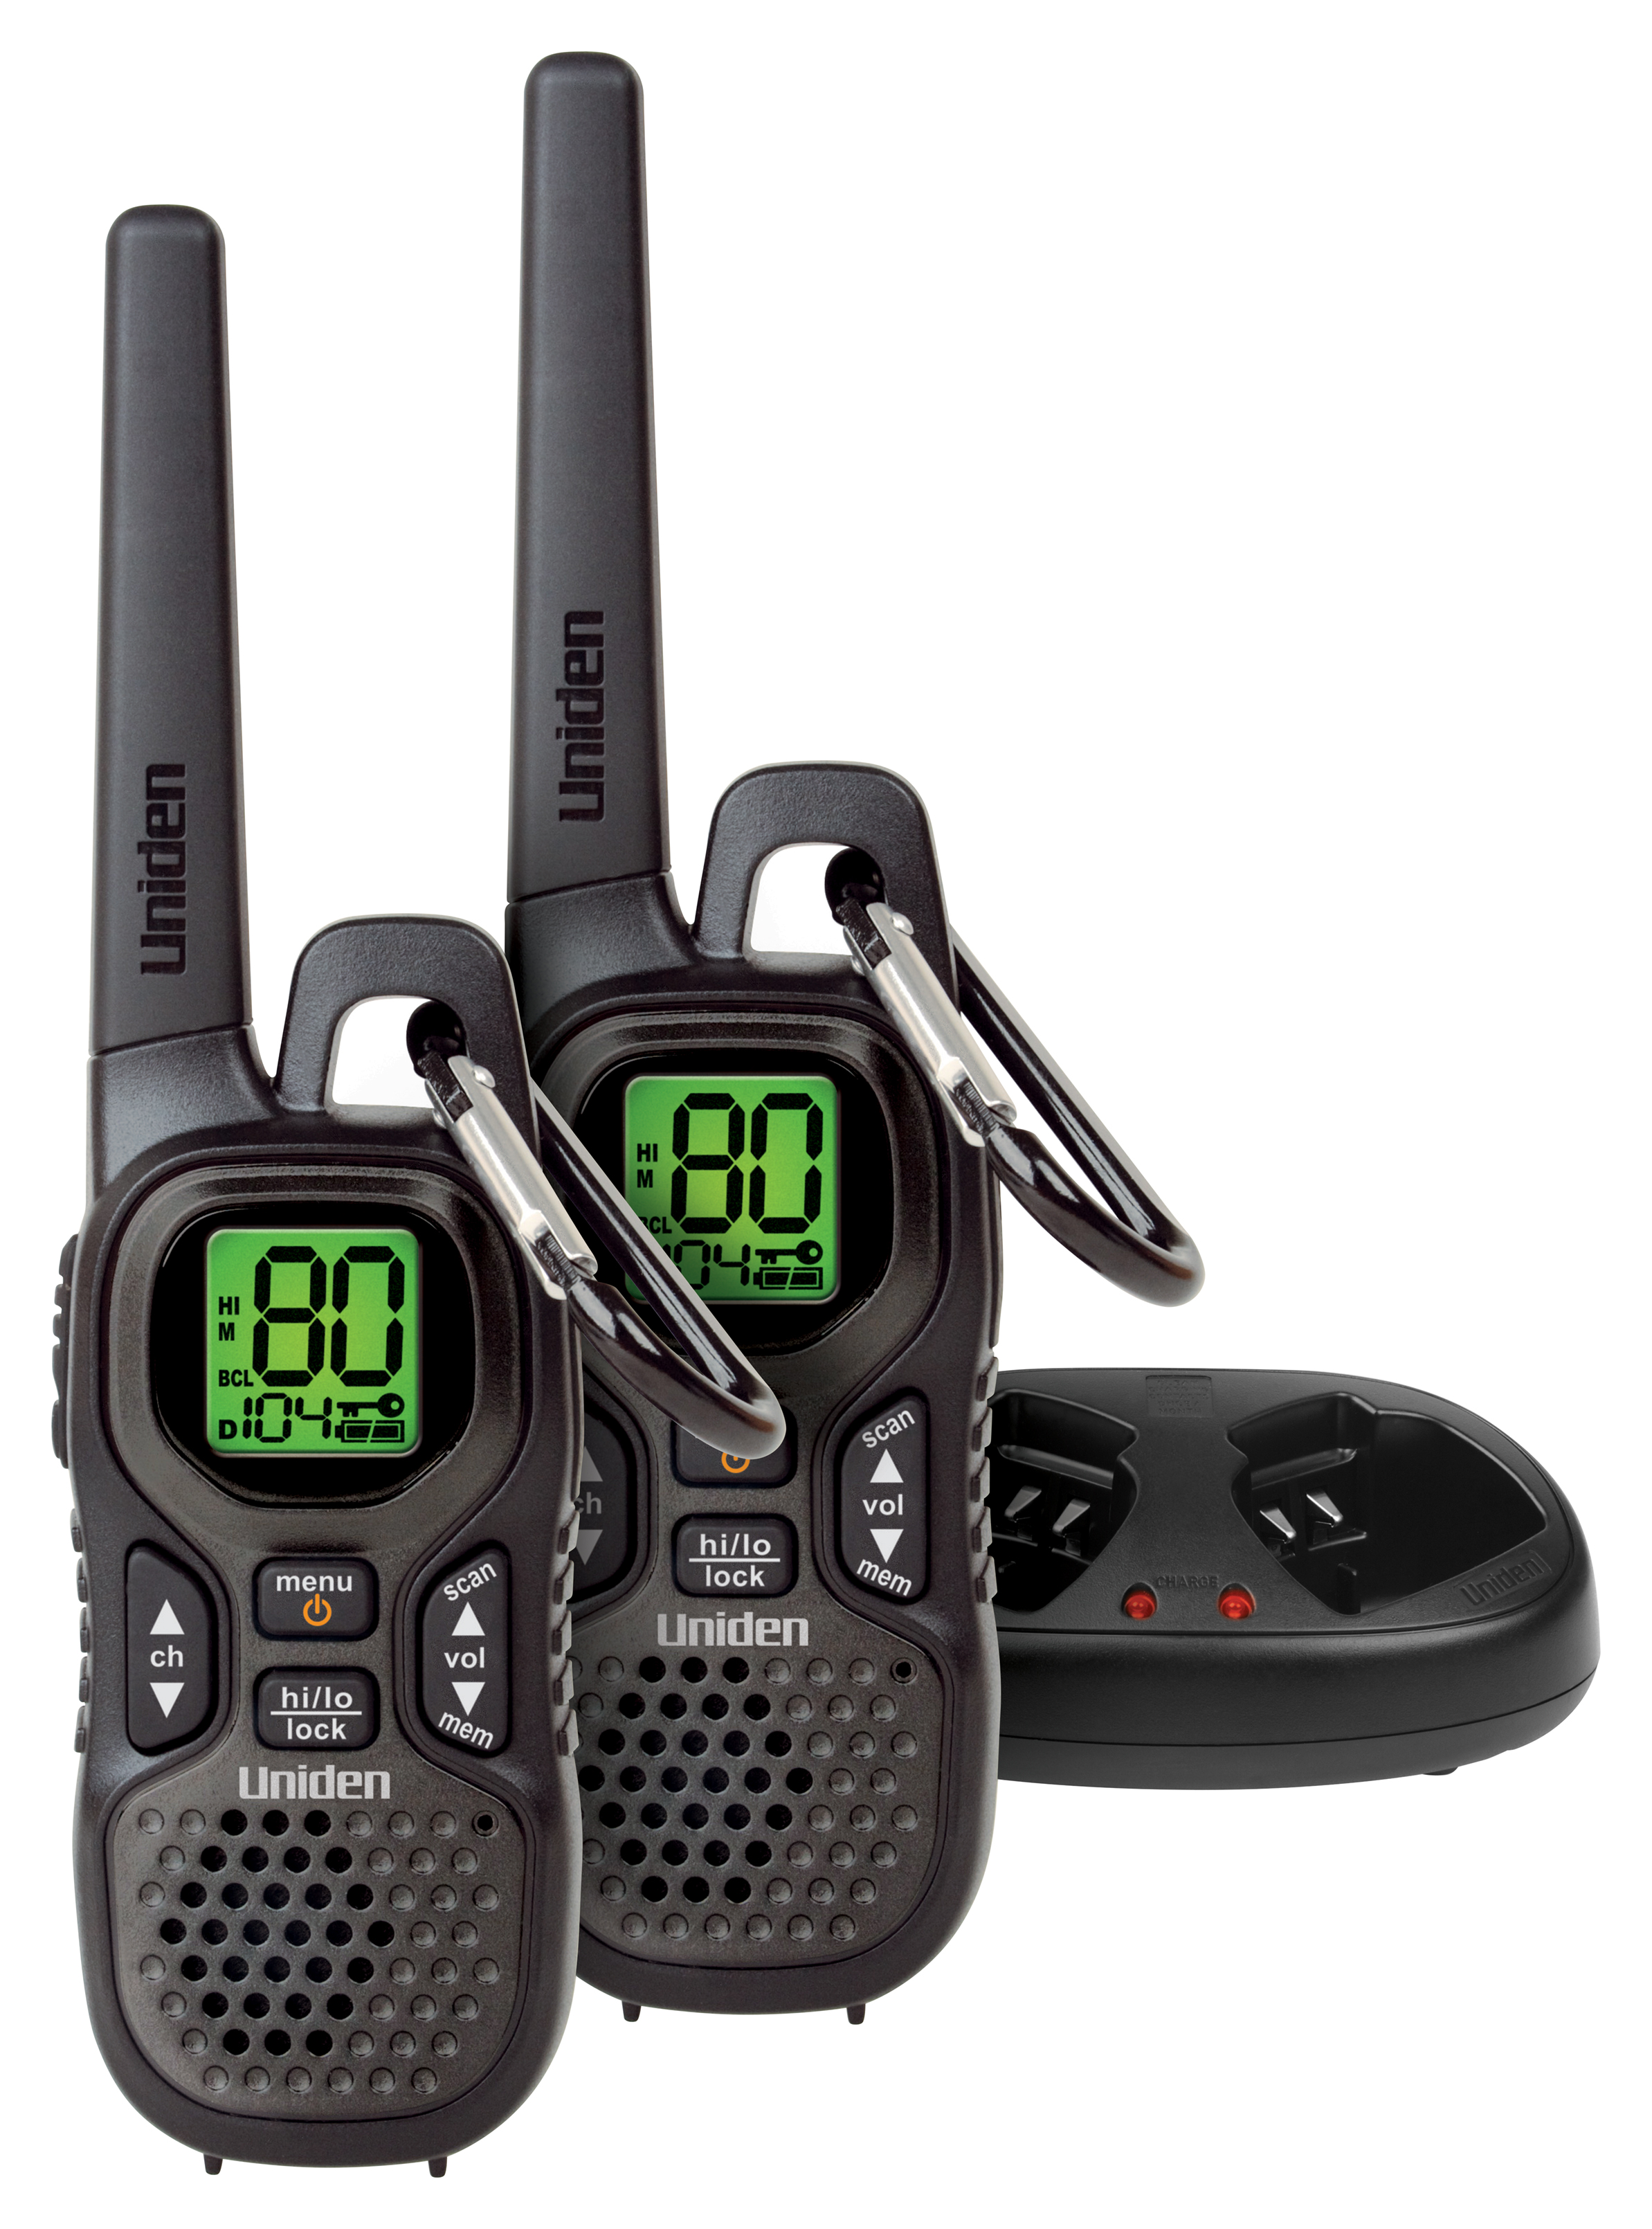 uh515 2 twin pack uniden rh uniden com au Uniden Marine 380 Radio Uniden VHF Marine Radio Parts